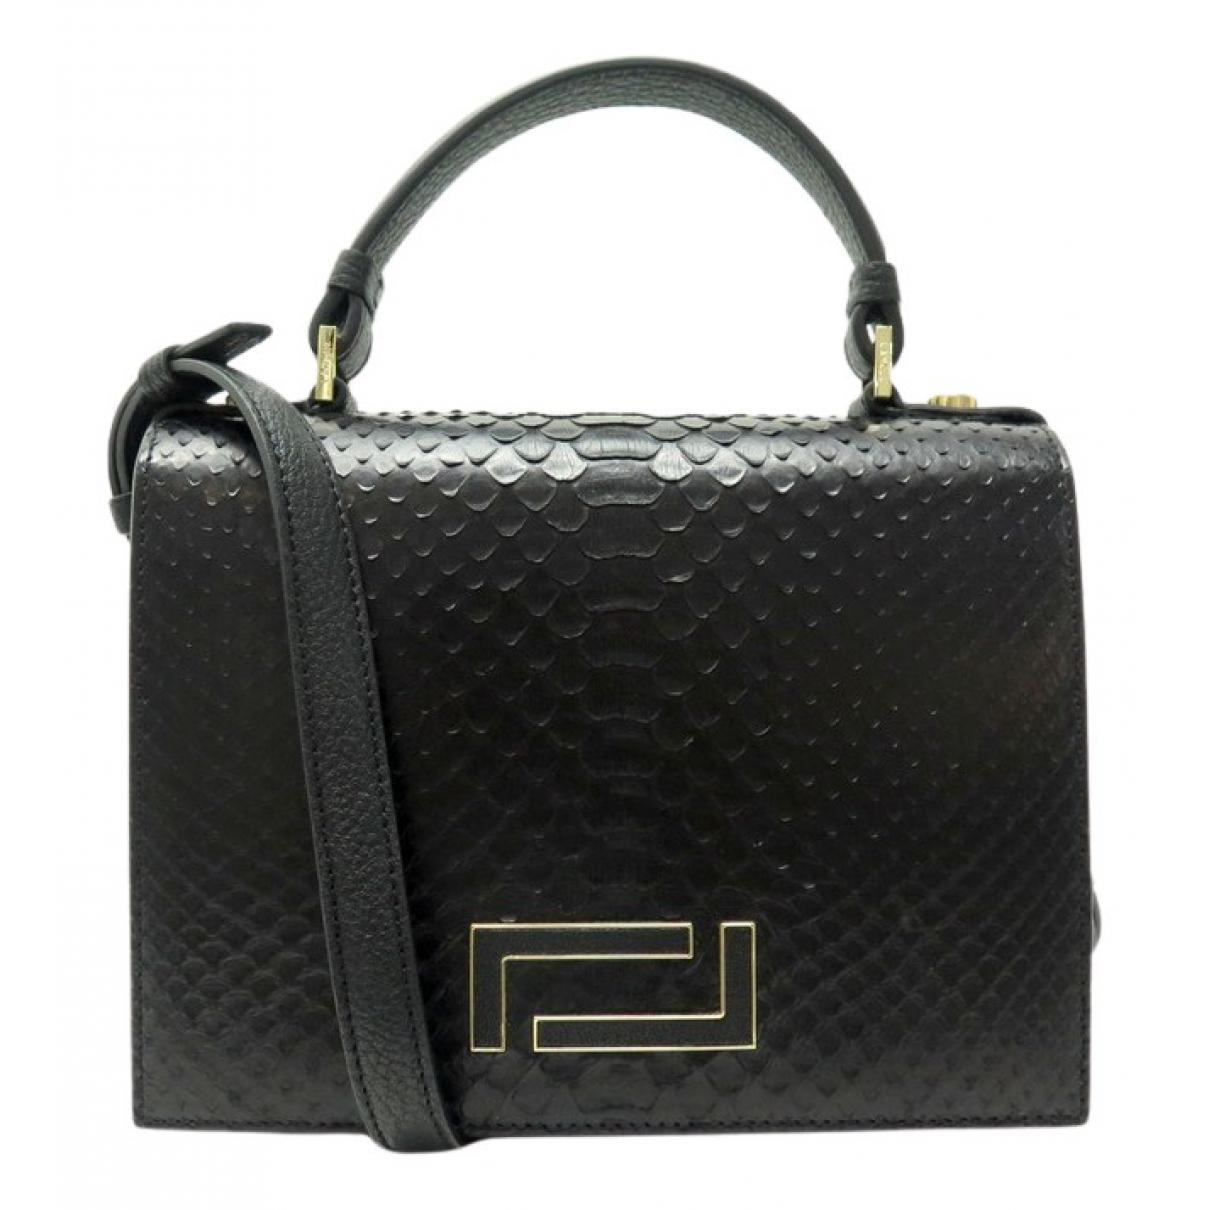 Lancel \N Handtasche in  Schwarz Exotenleder